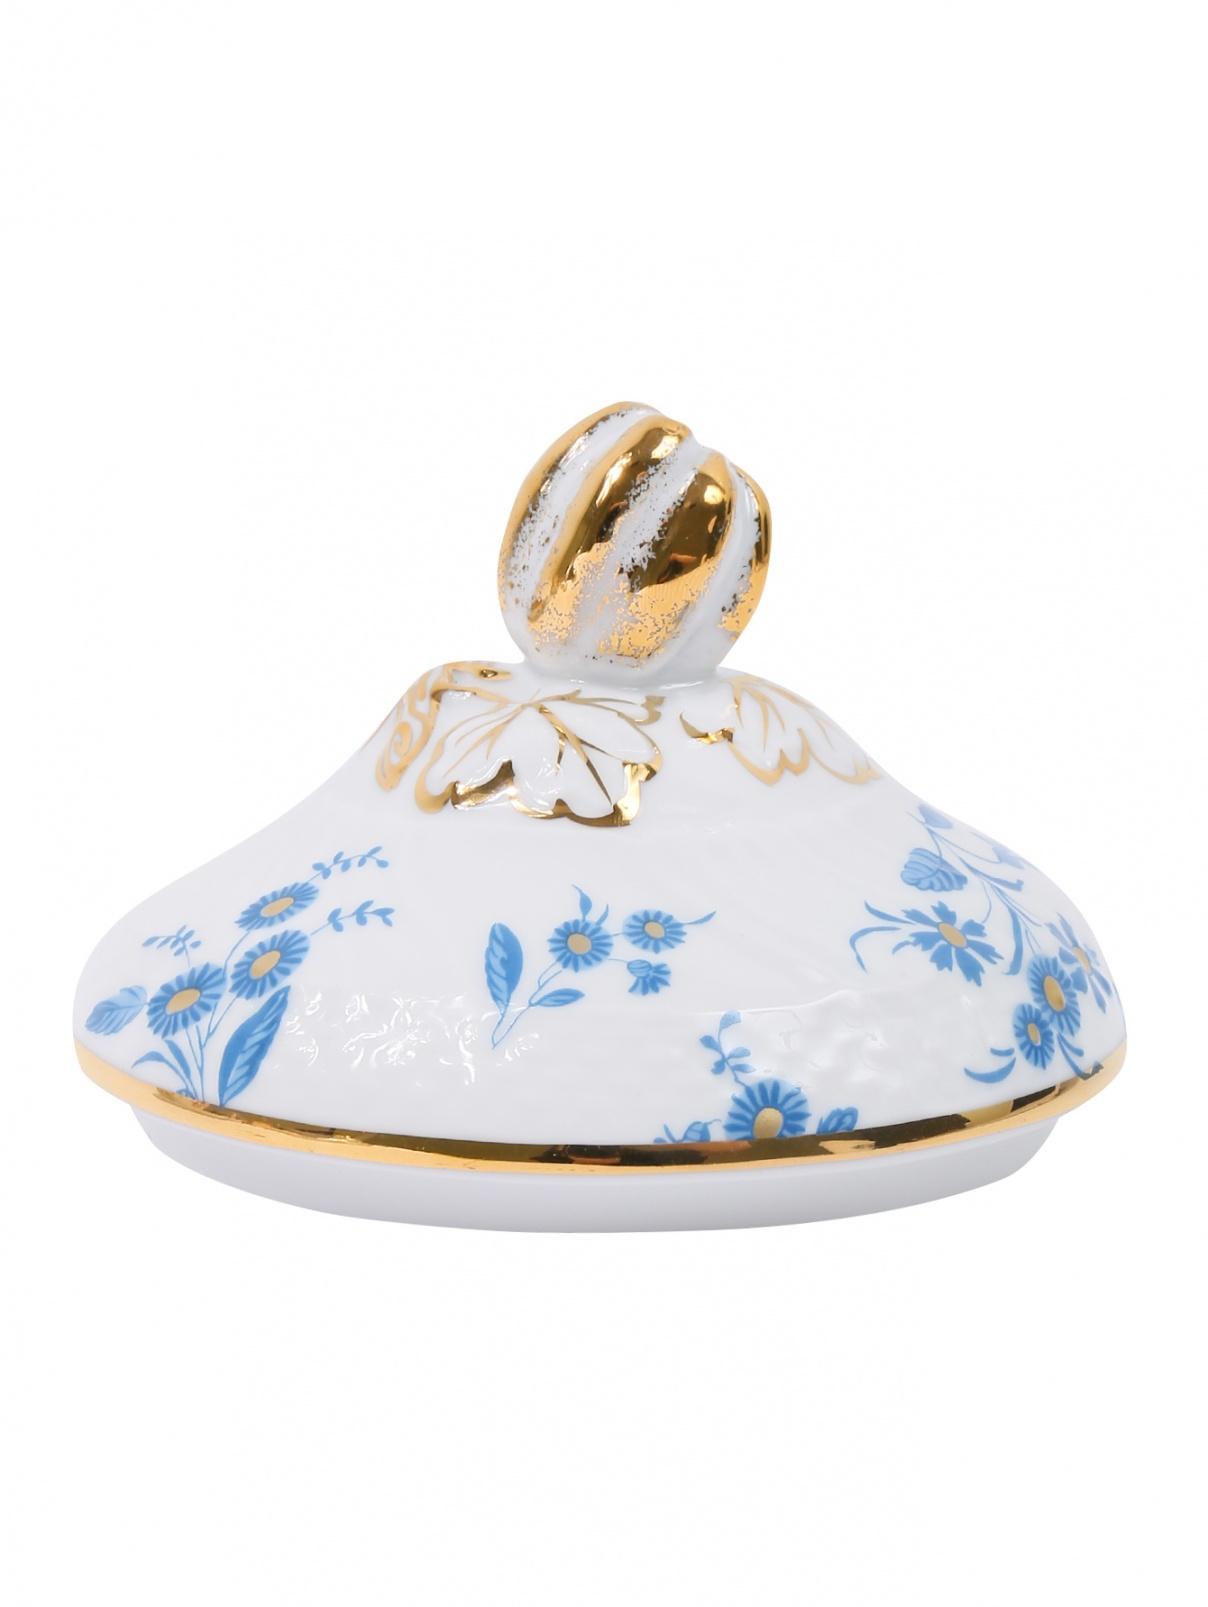 Крышка для чайной чашки из фарфора с узором Richard Ginori 1735  –  Общий вид